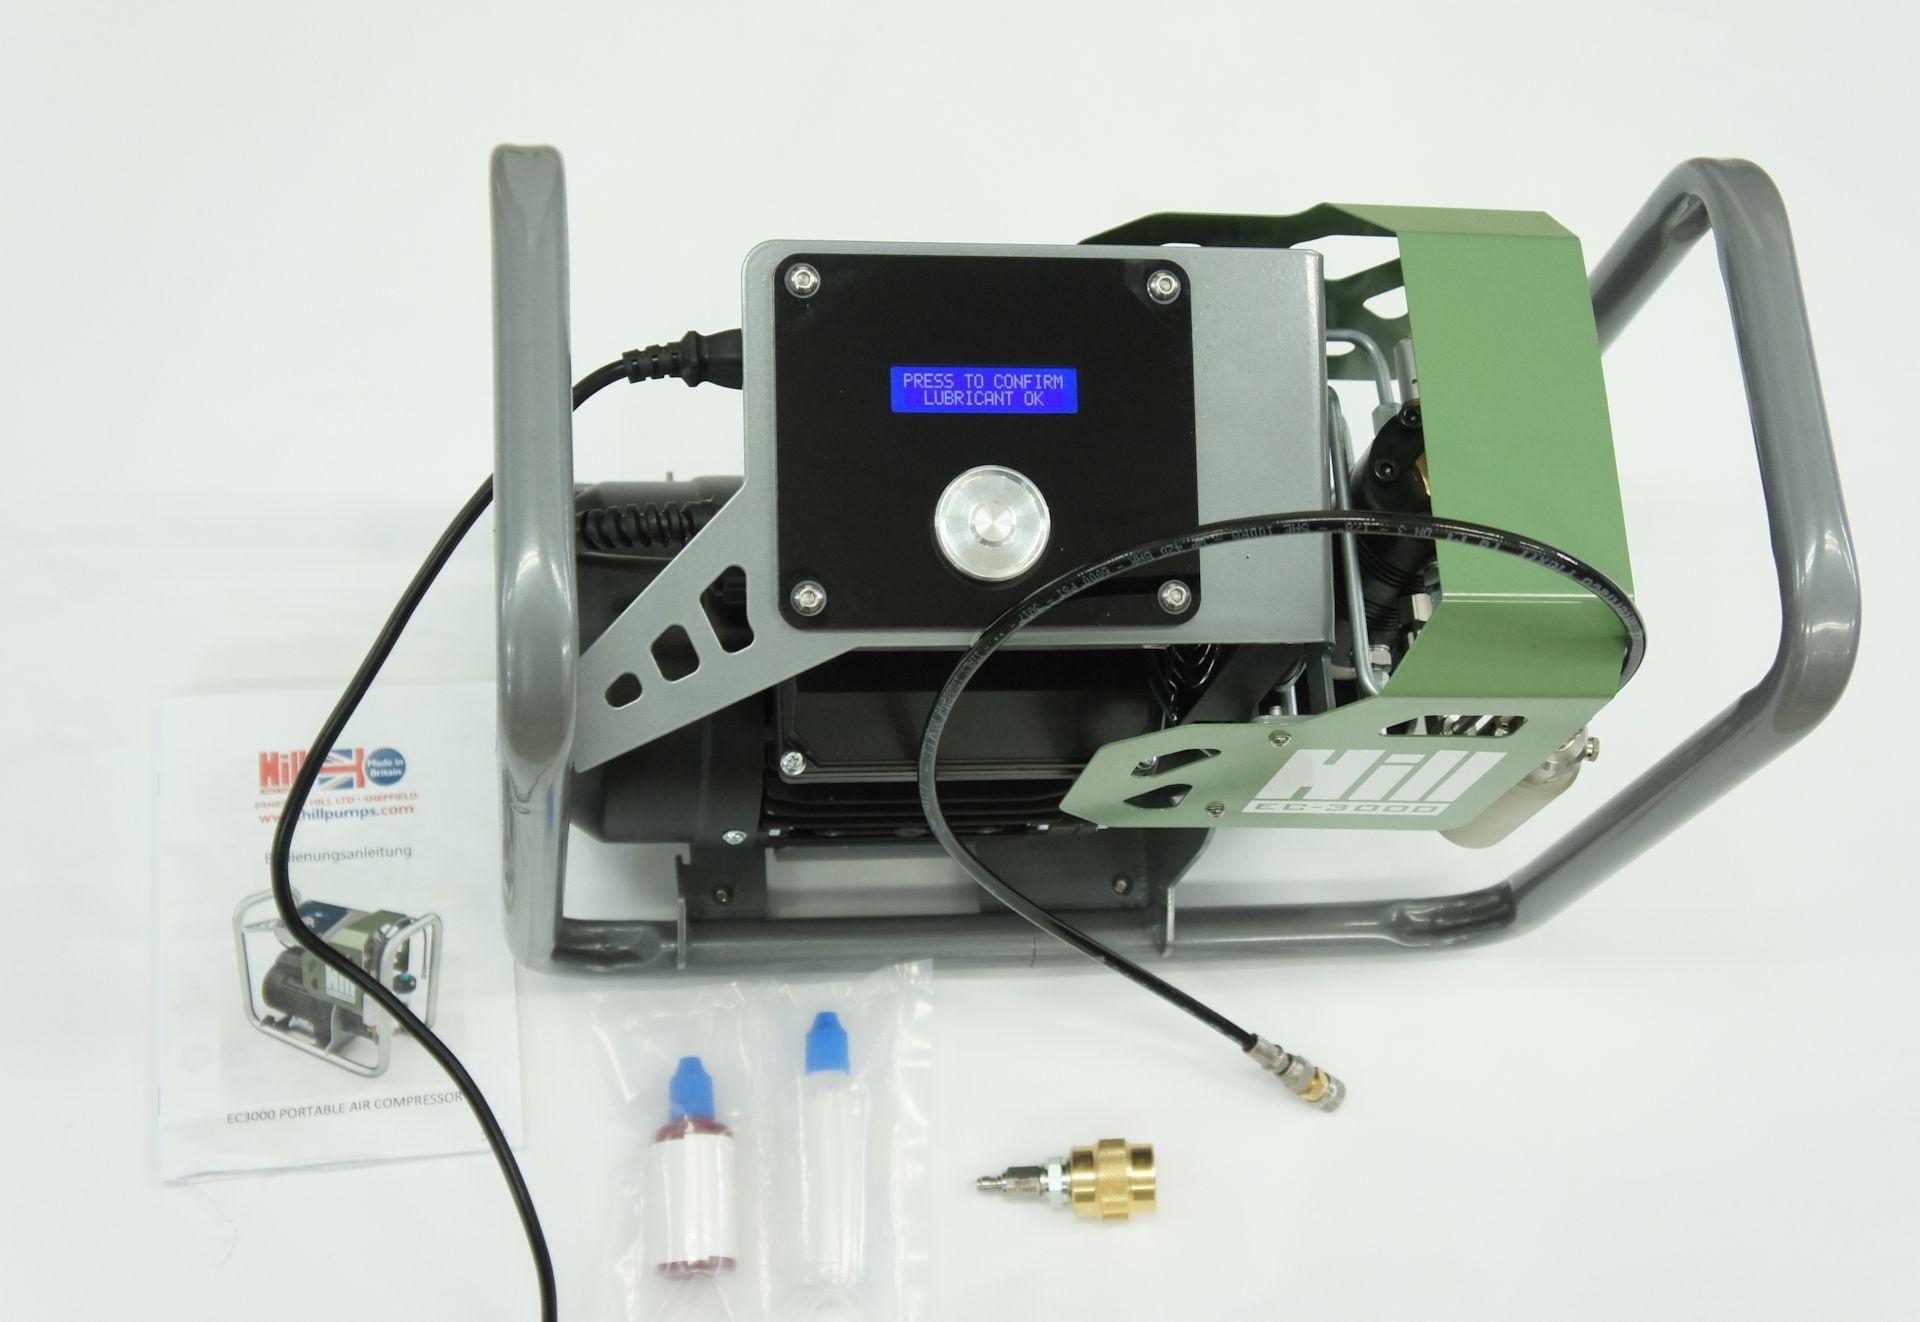 HILL EC-3000 ELEKTRISCHER DRUCKLUFTKOMPRESSOR  für Kartuschen mit Zubehör aus dem Lieferumfang